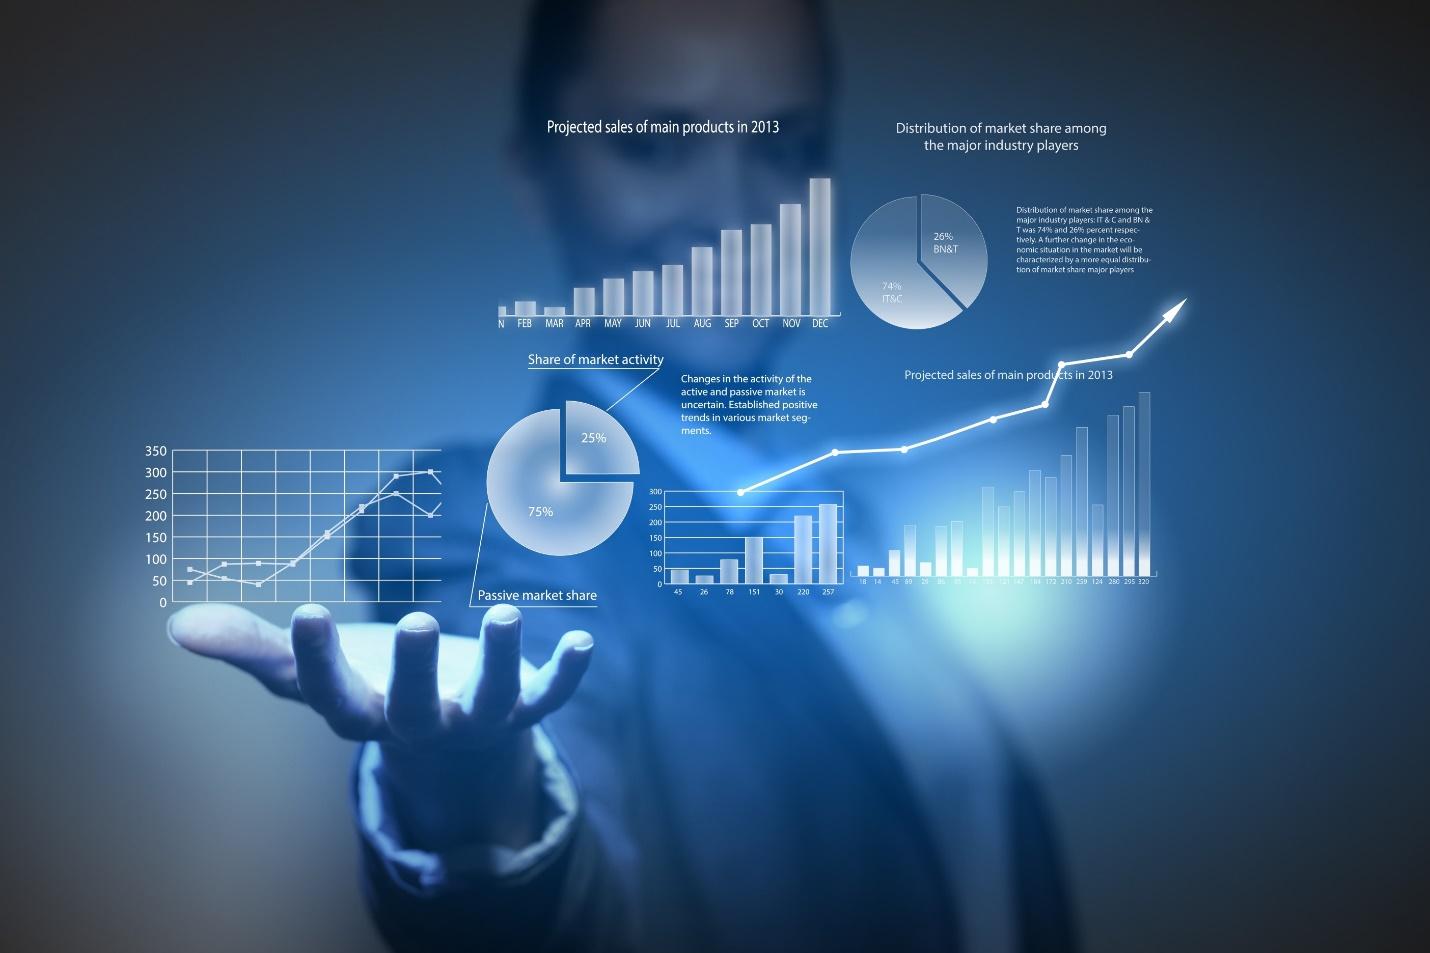 Formas de usar la data del consumidor para mejorar su experiencia con la marca